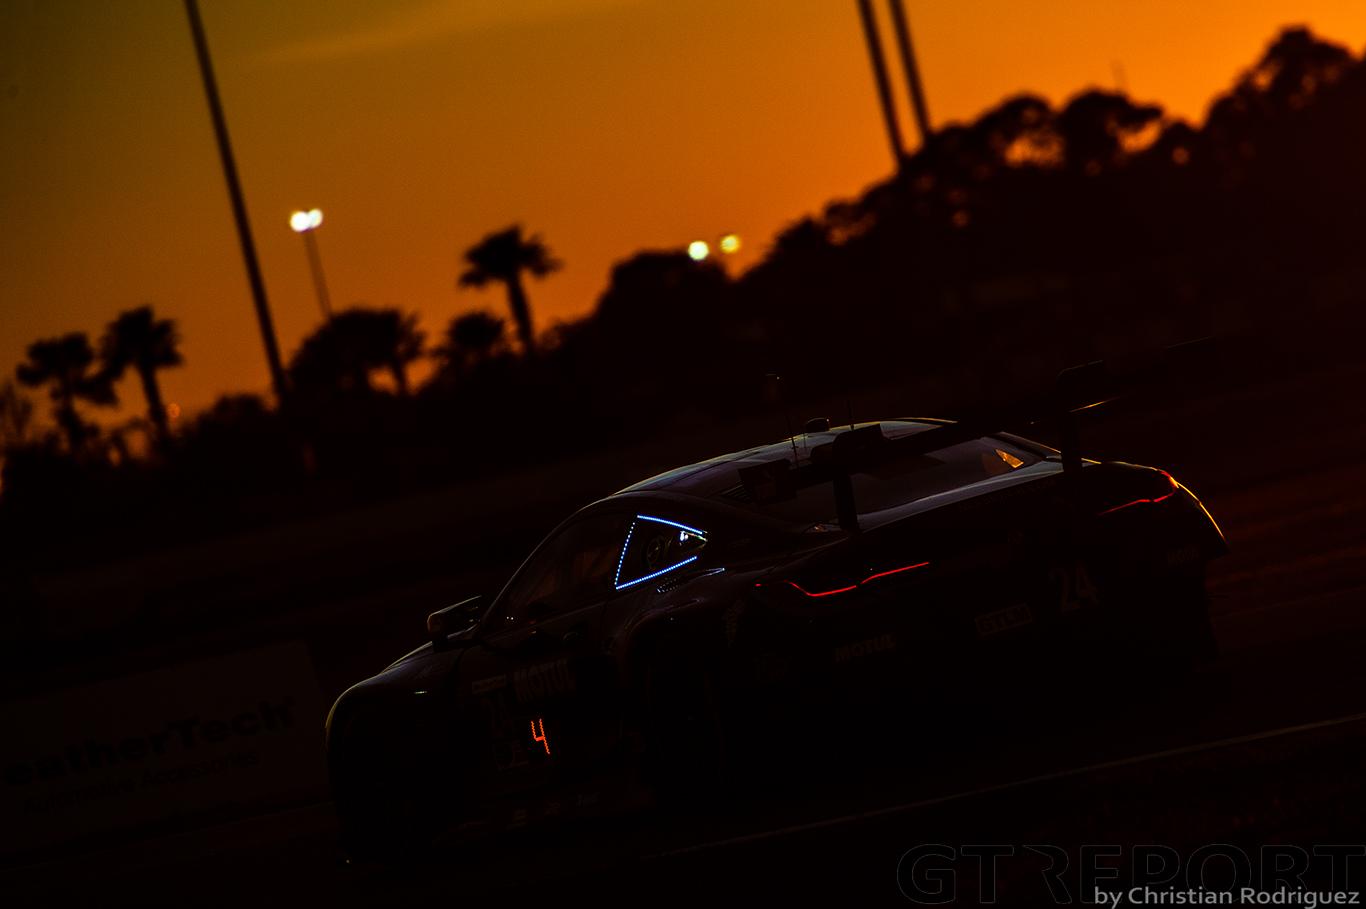 Daytona 24 hours racing action